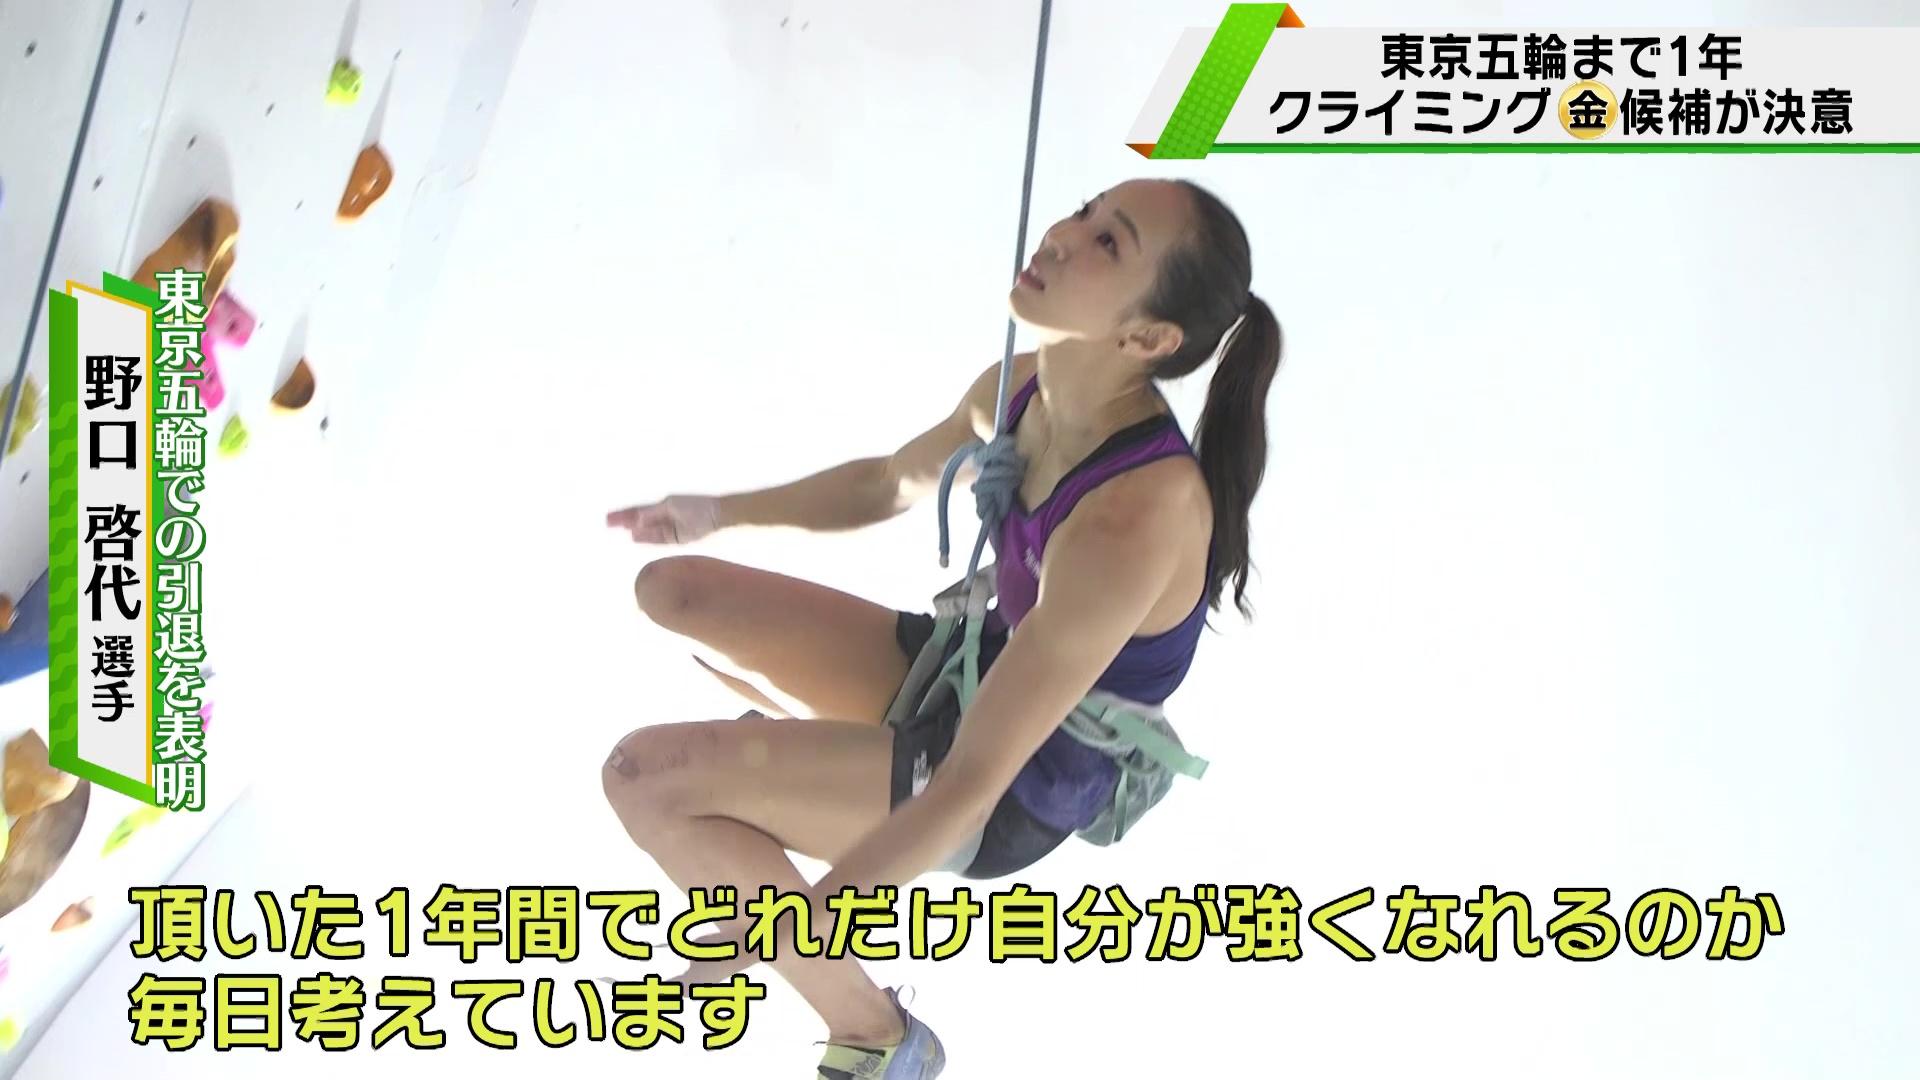 【クライミング】東京五輪まで1年 金メダル候補の野口啓代と楢崎智亜が決意